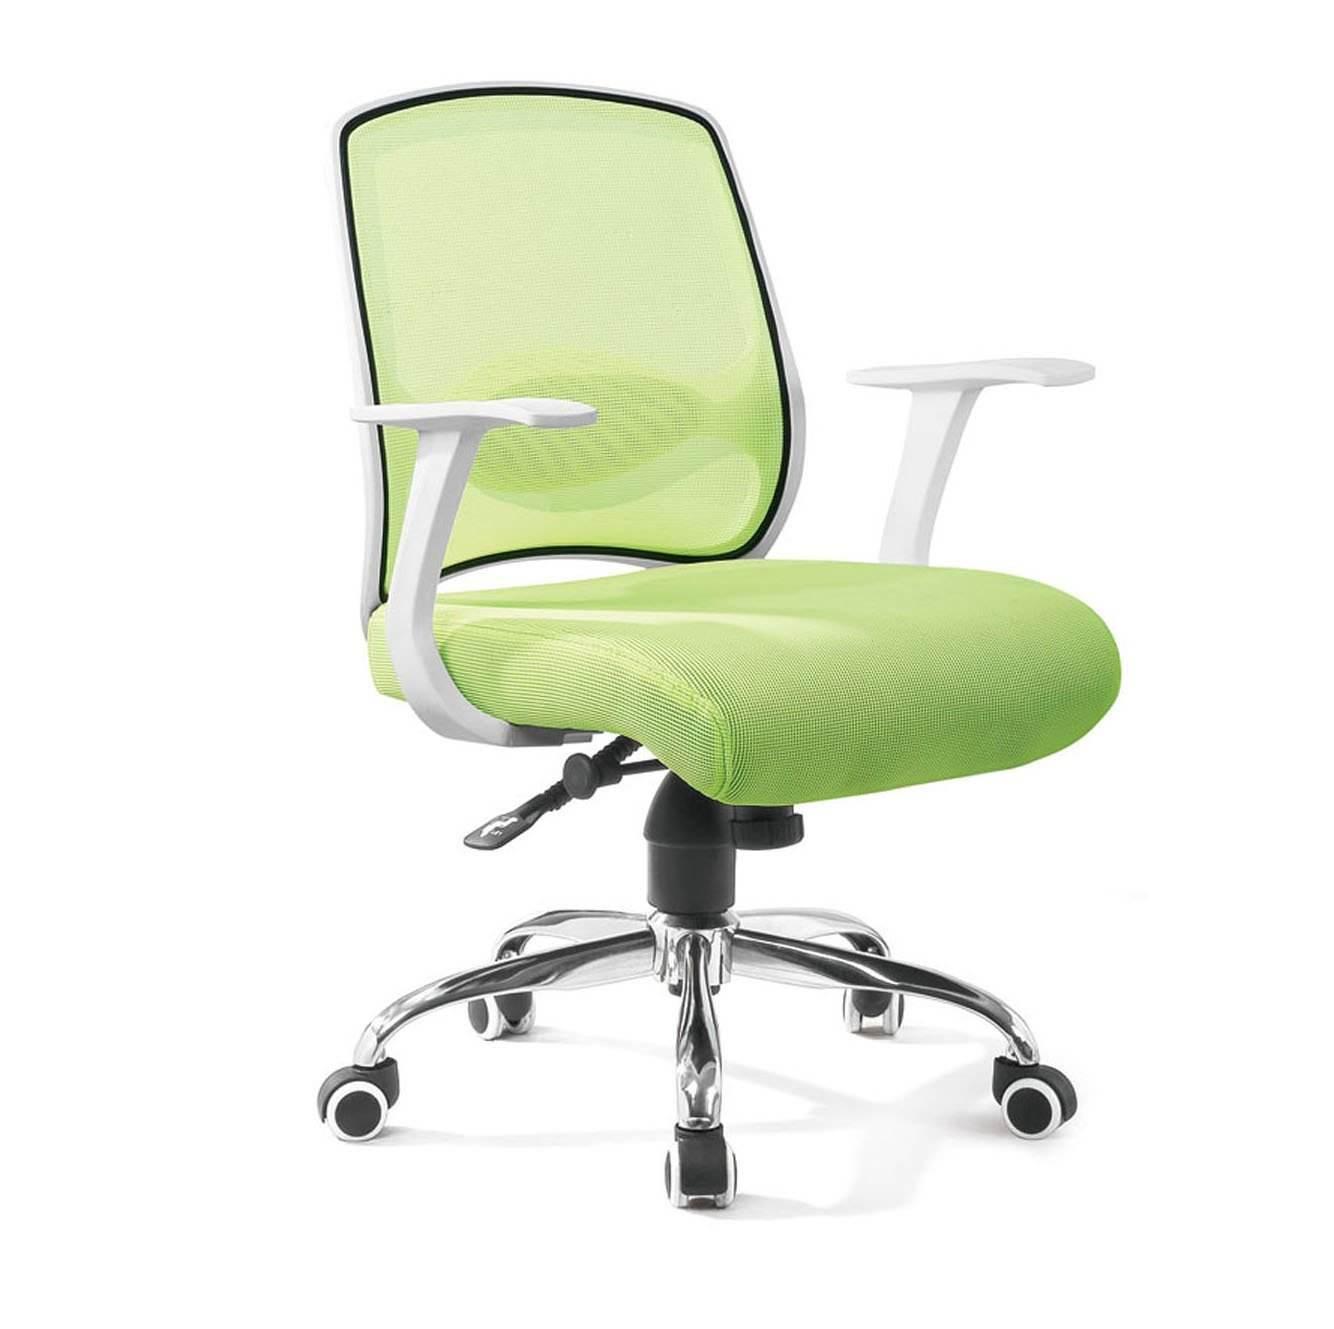 高端辦公椅_定制高端辦公椅辦公椅廠家-沈陽易構家具